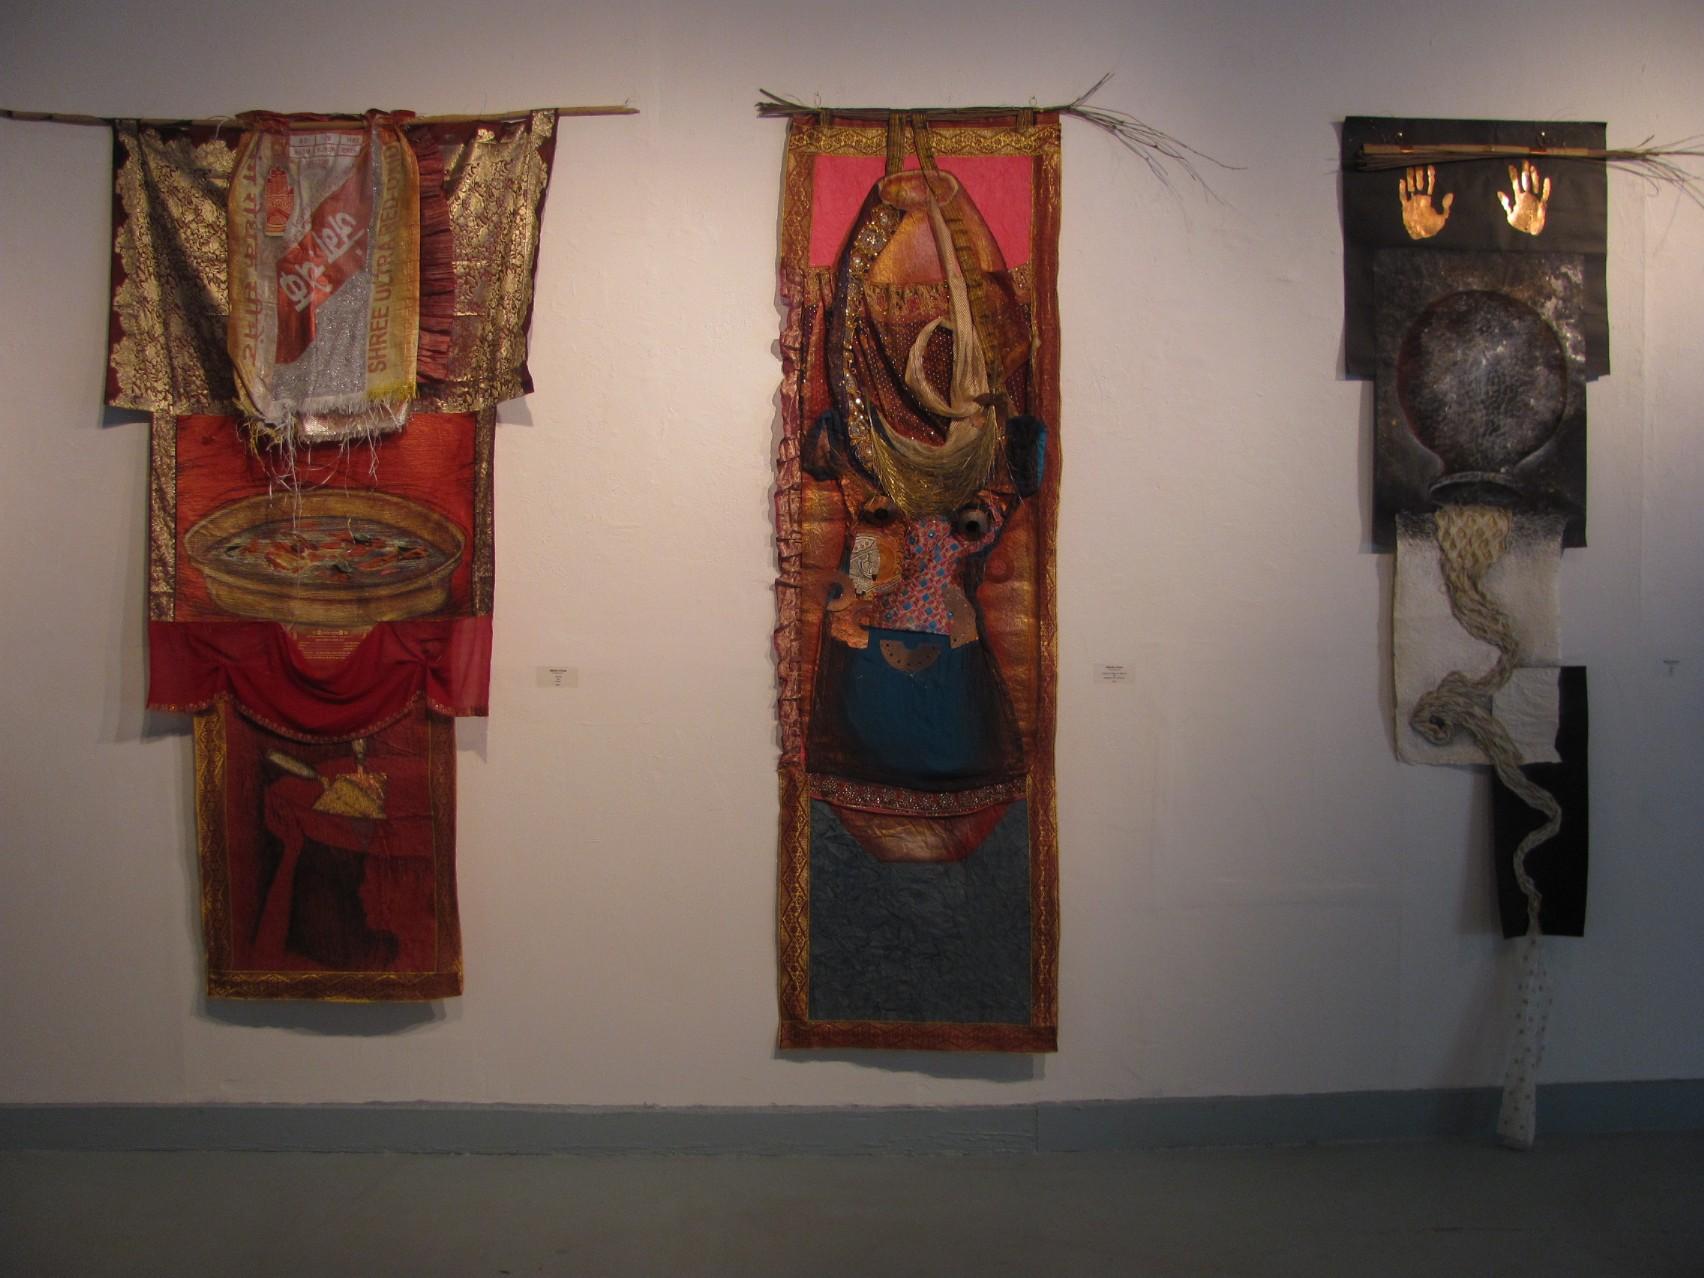 Three Wall Hangings